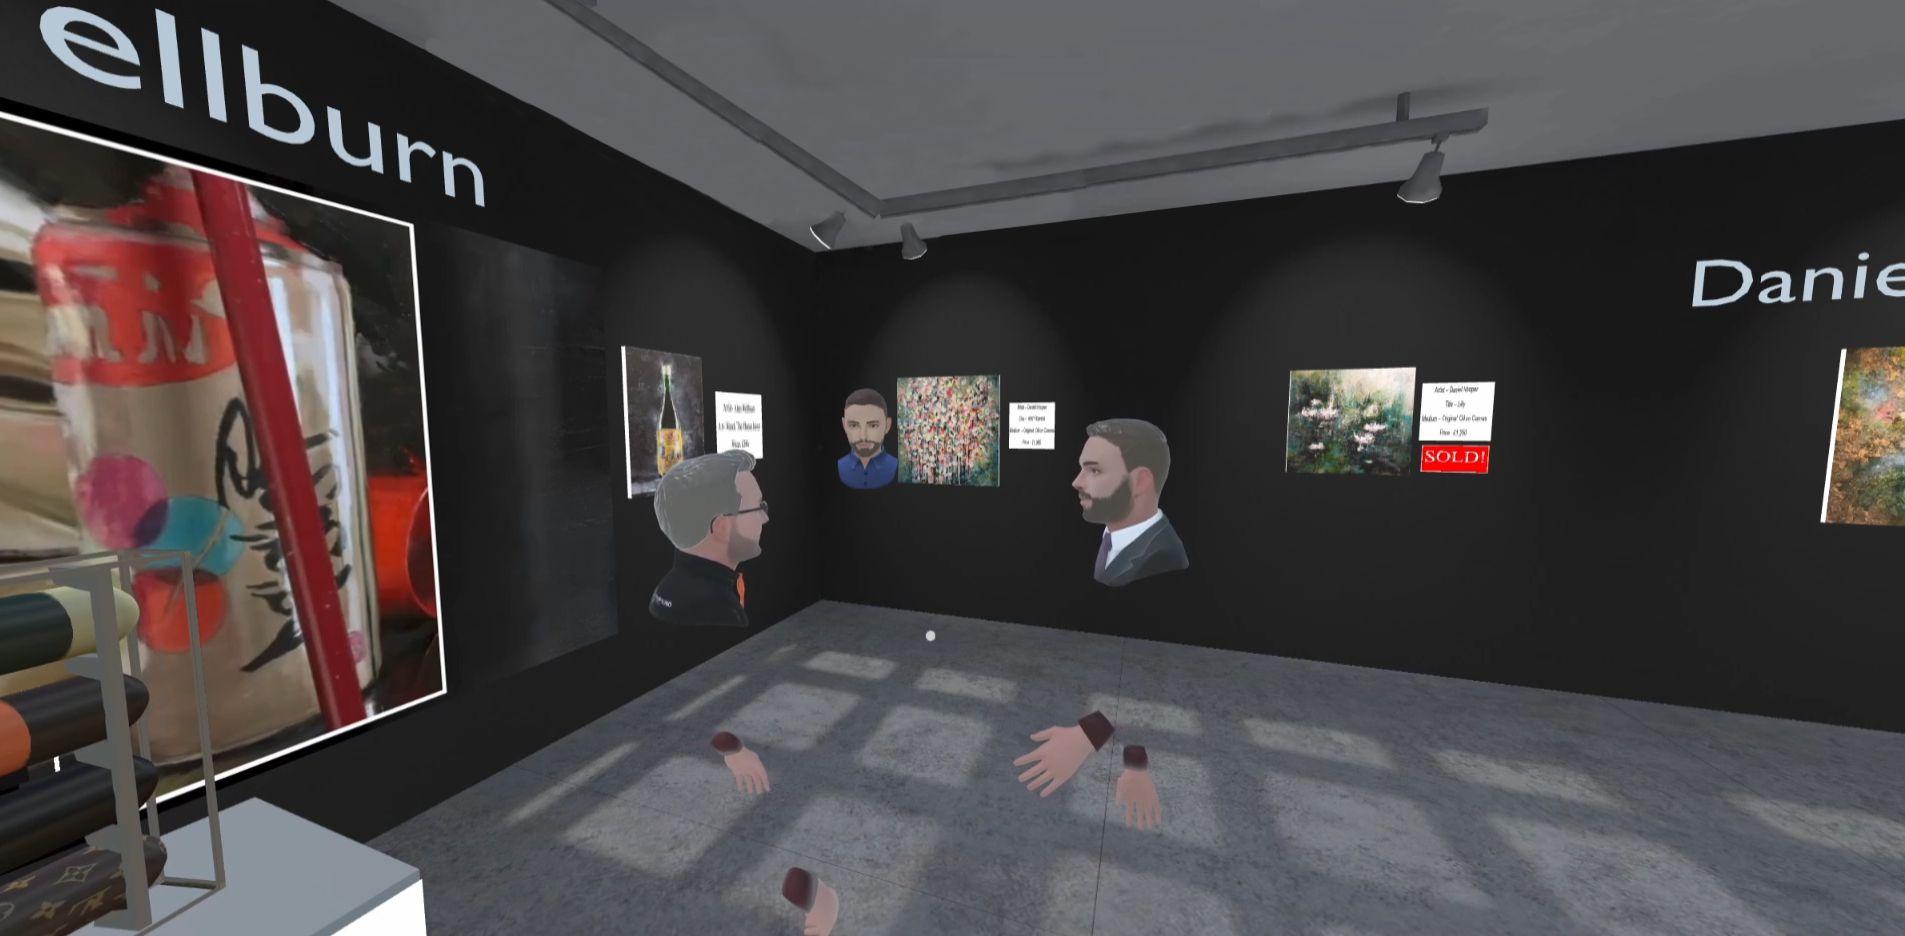 Social-VR Optimized